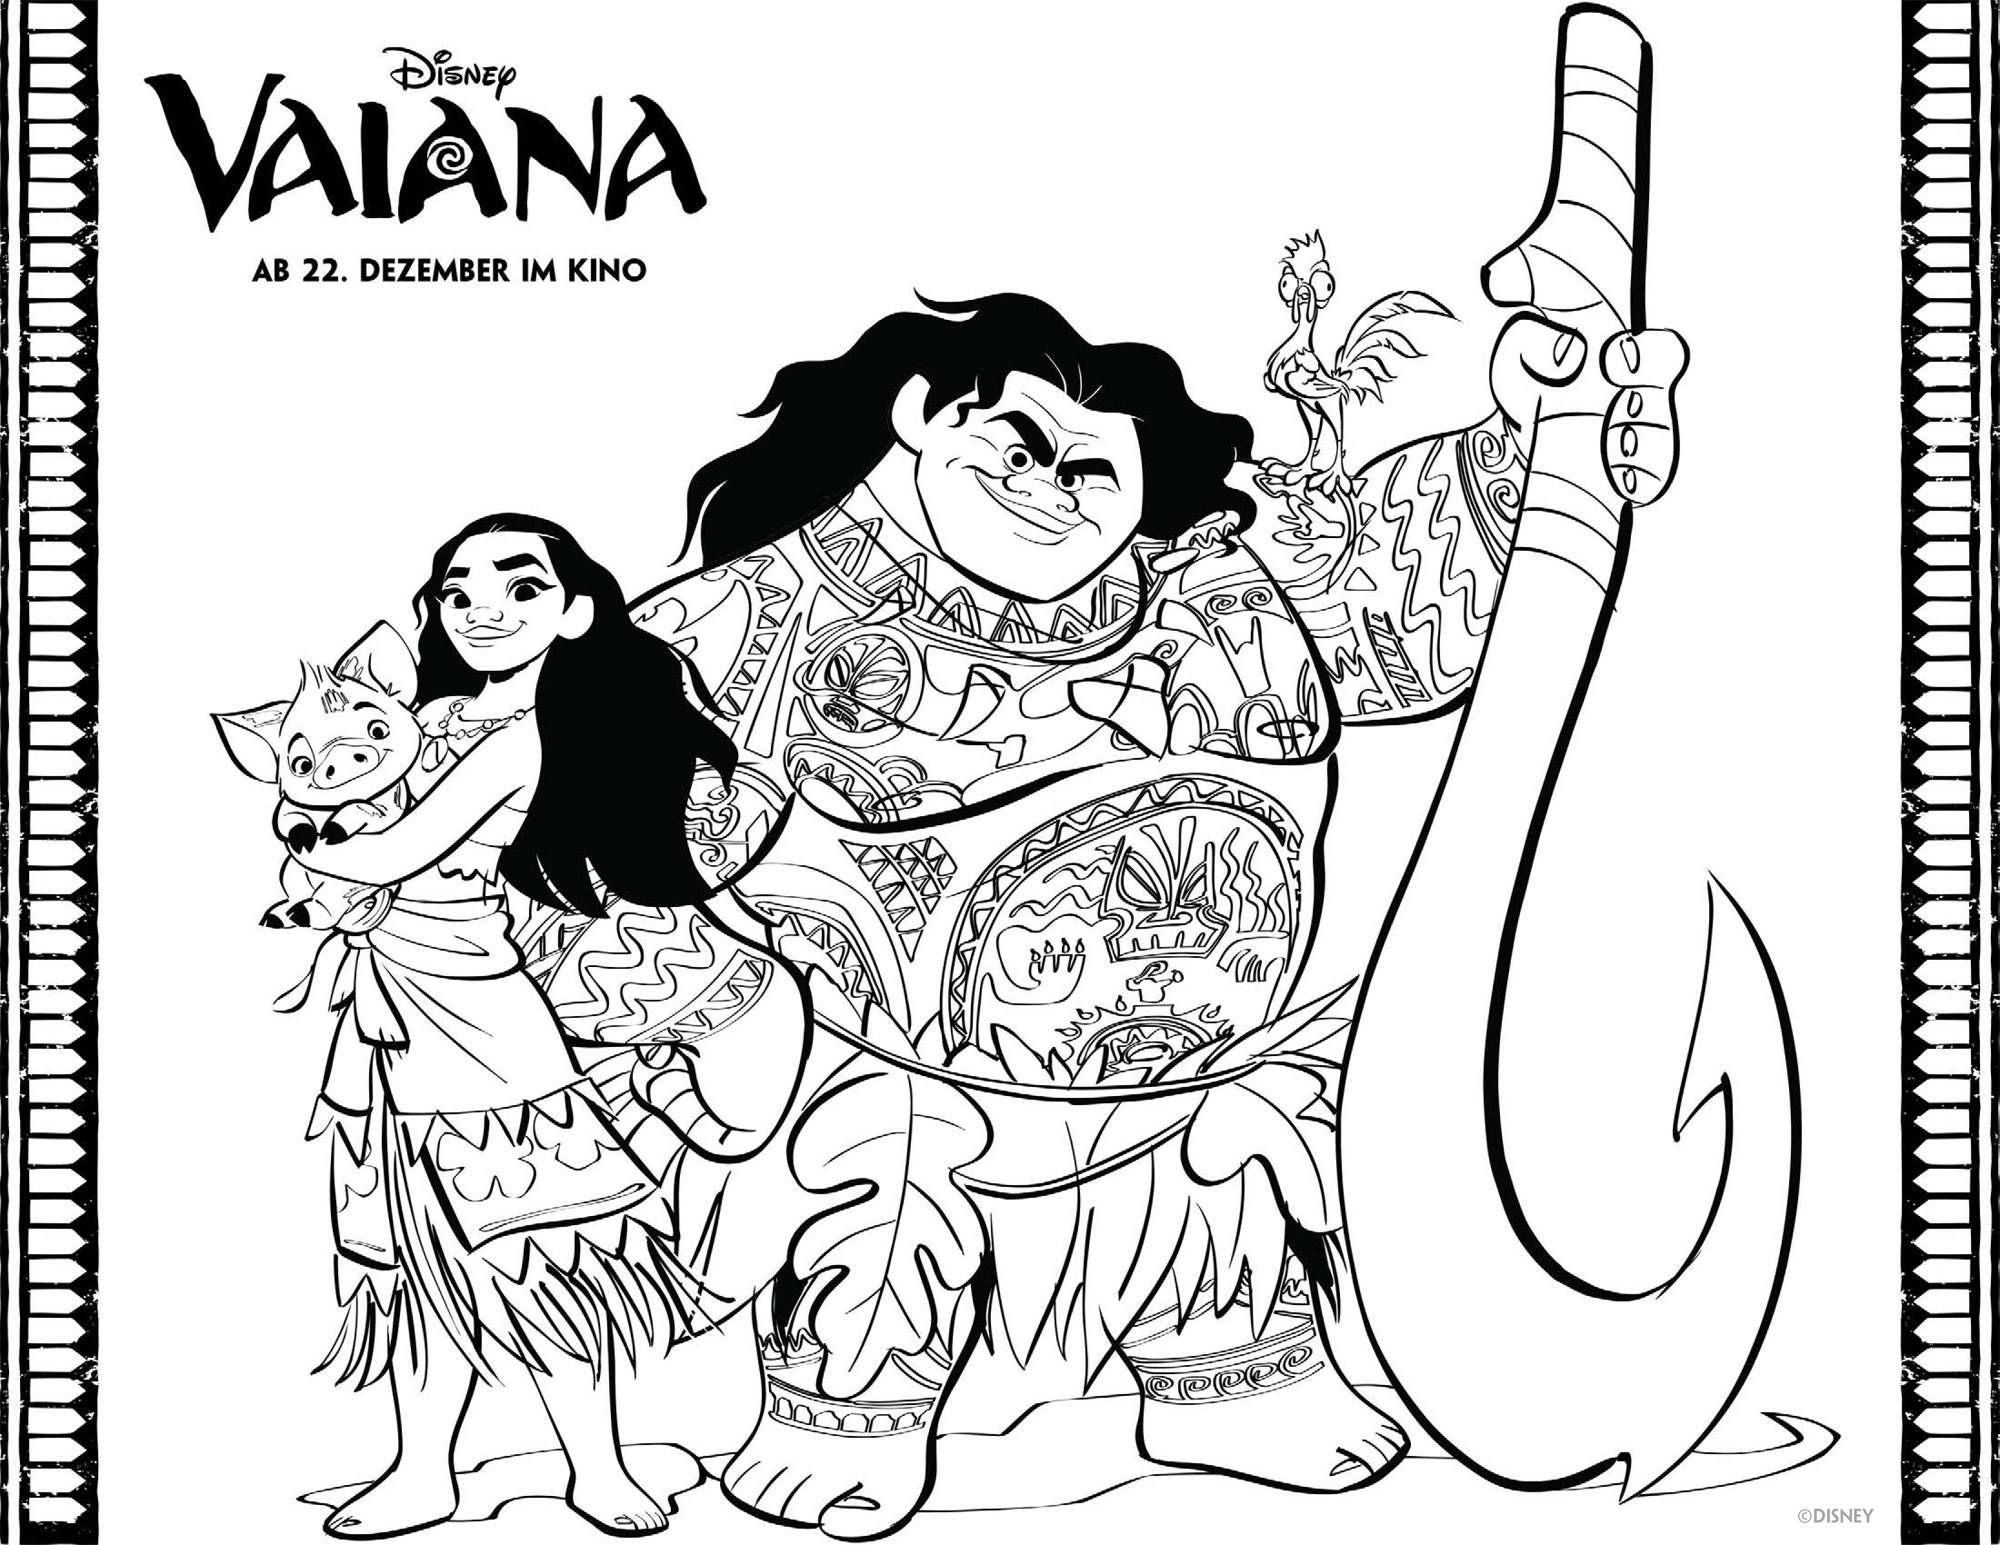 Vaiana Als Malvorlagen Zum Ausdrucken  Coloring and Malvorlagan